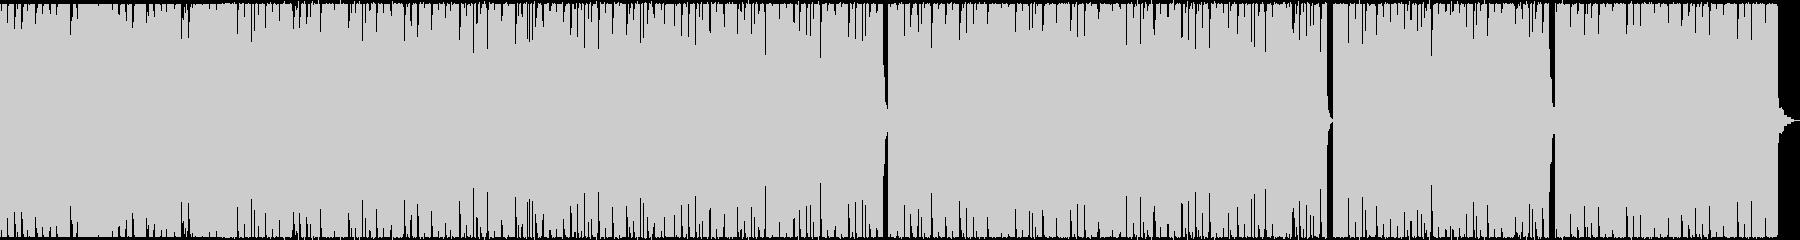 ローファイ、チルなヒップホップビートの未再生の波形